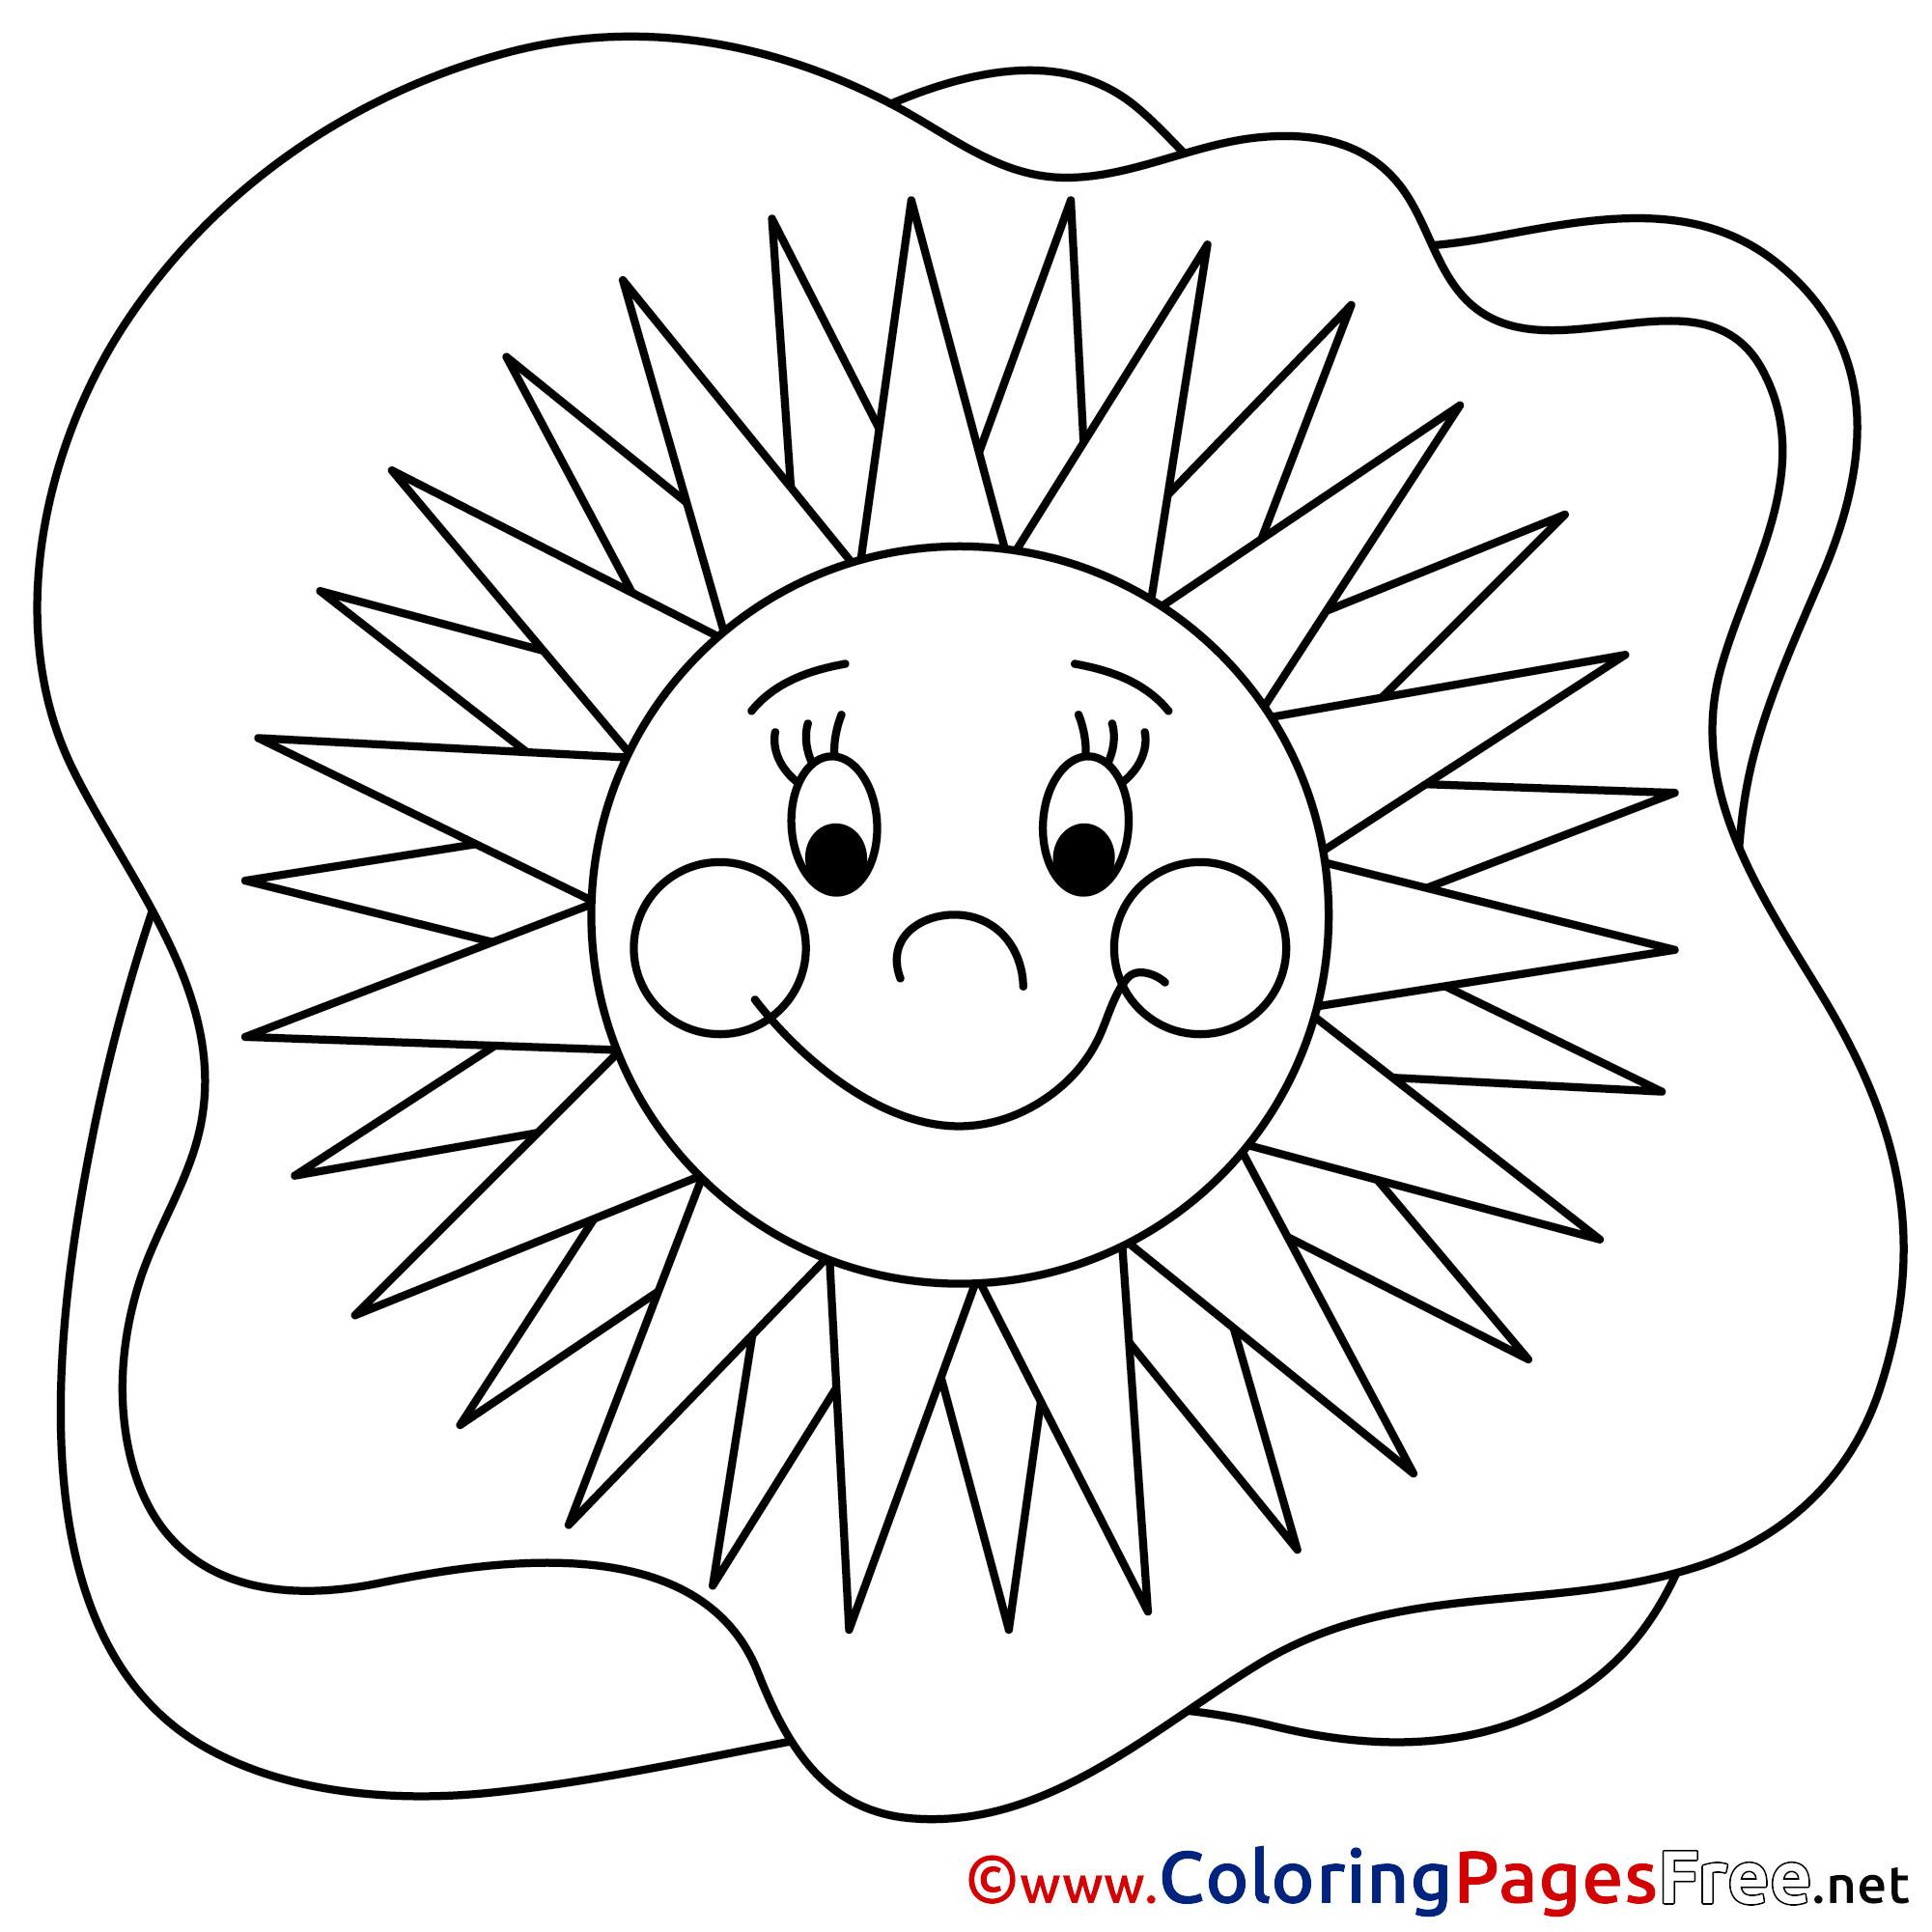 натуральных распечатать солнце цветное картинку на принтере картинки именами, картинки